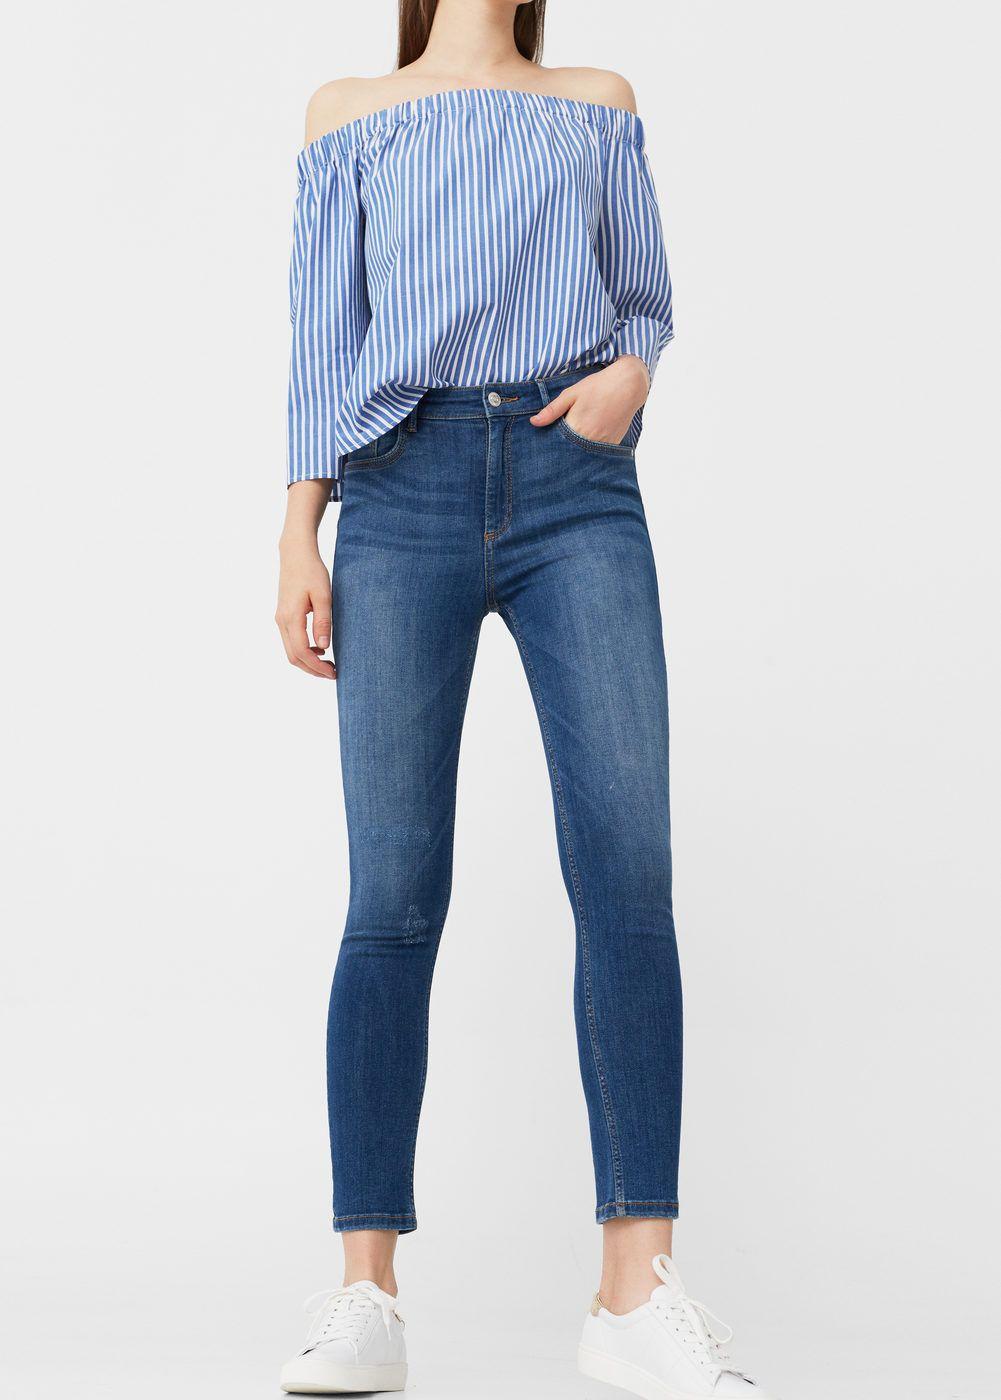 0215de365 Skinny noa jeans - Woman | DENIM EFECTOS Y LAVADOS | Pantalones ...